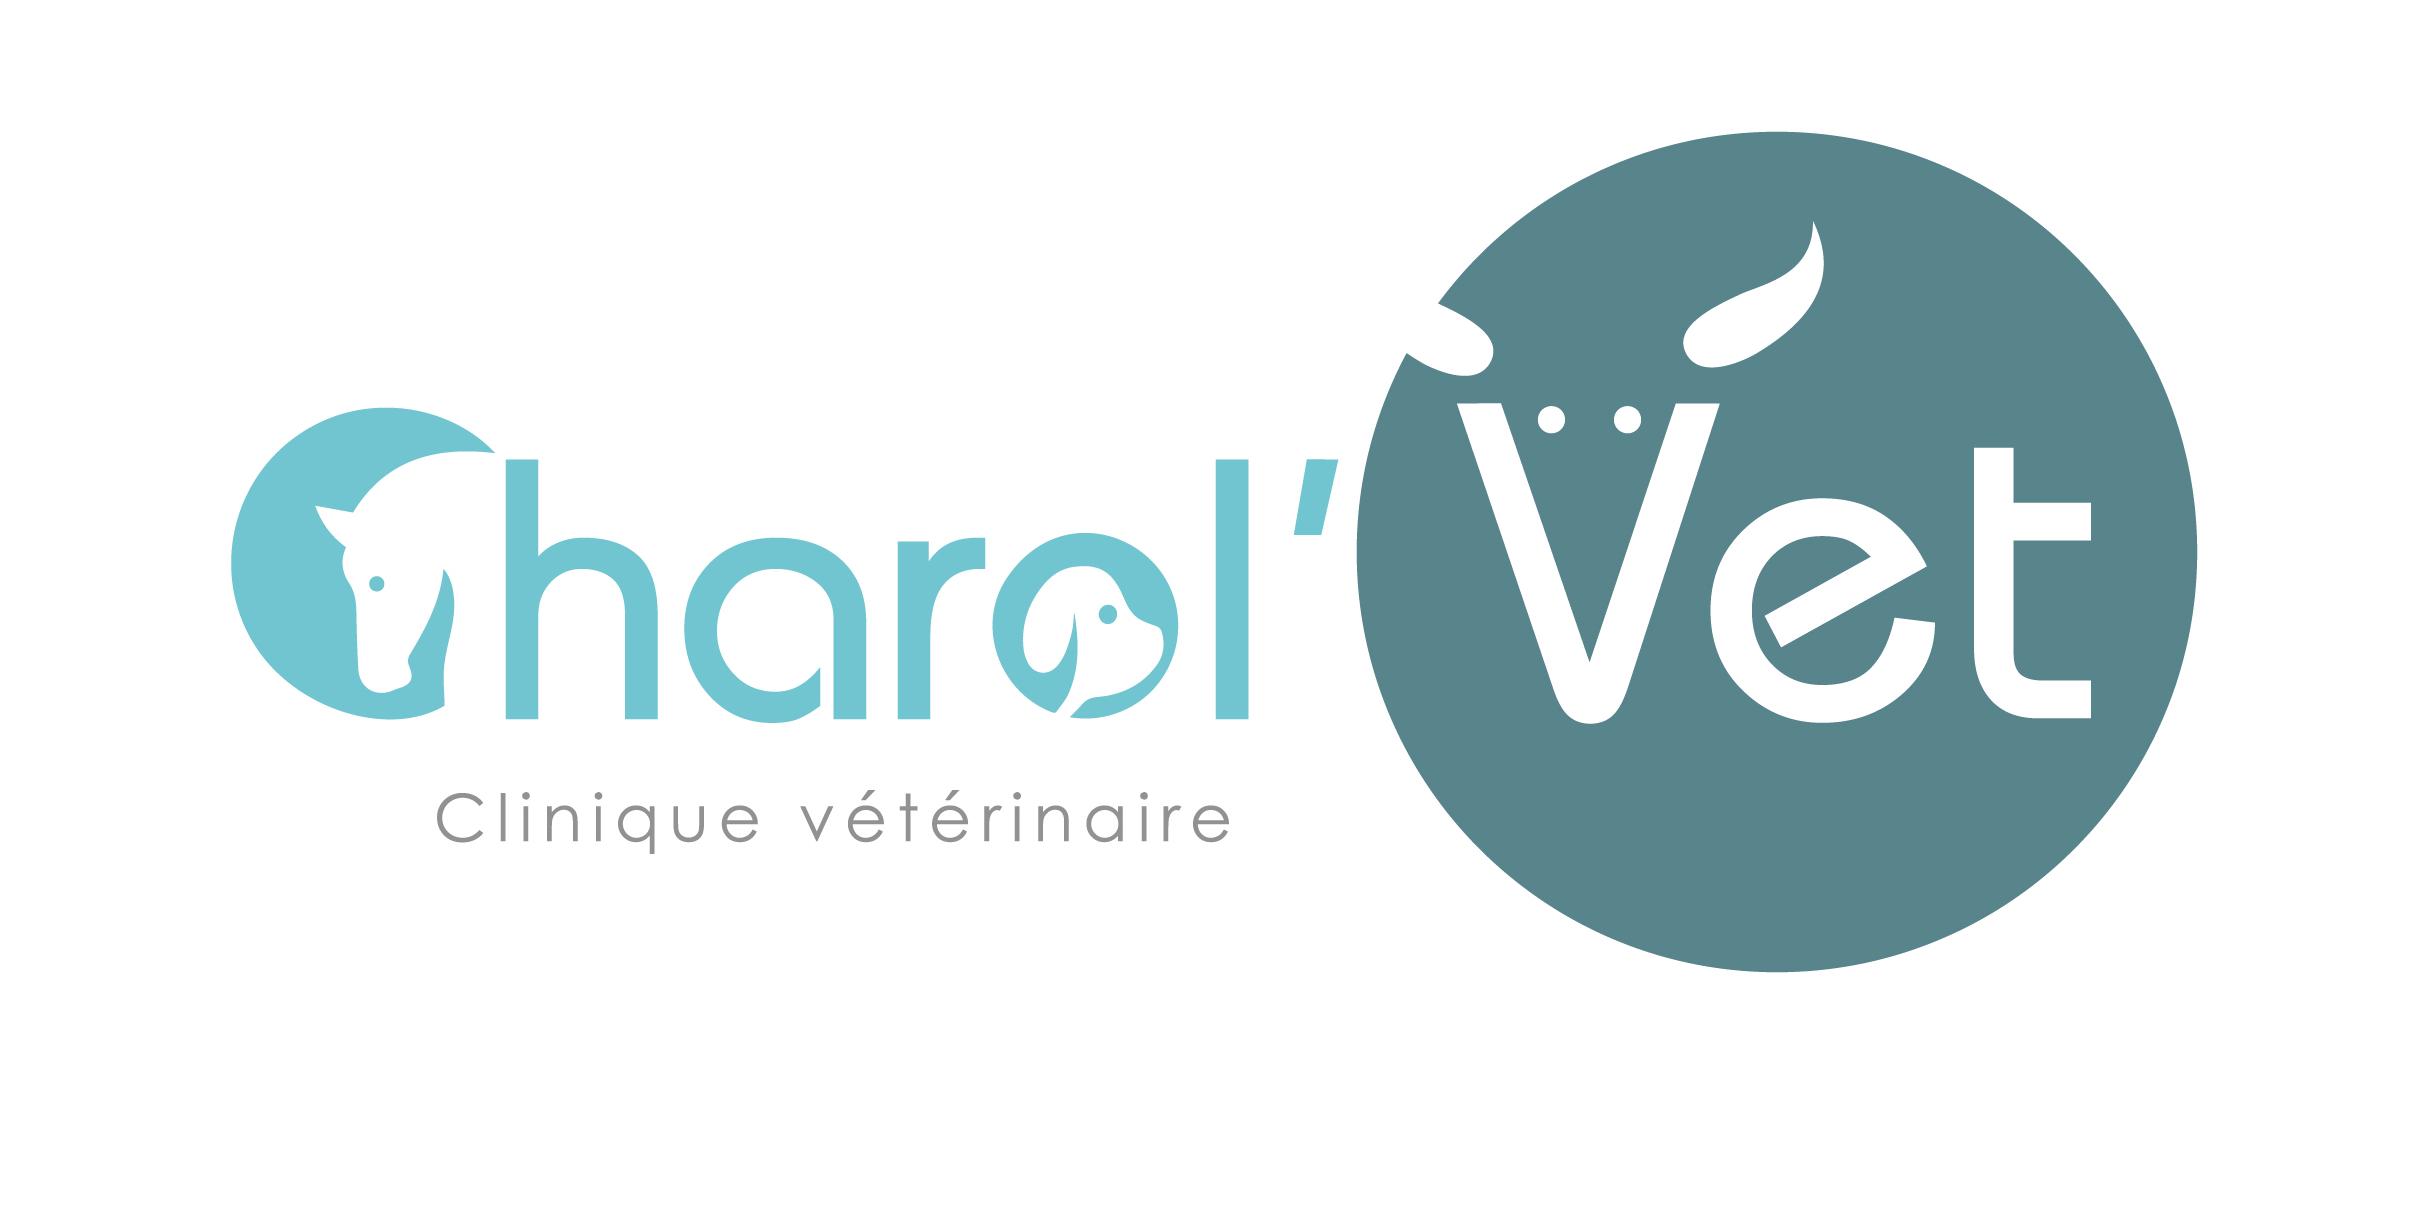 Charol'Vet